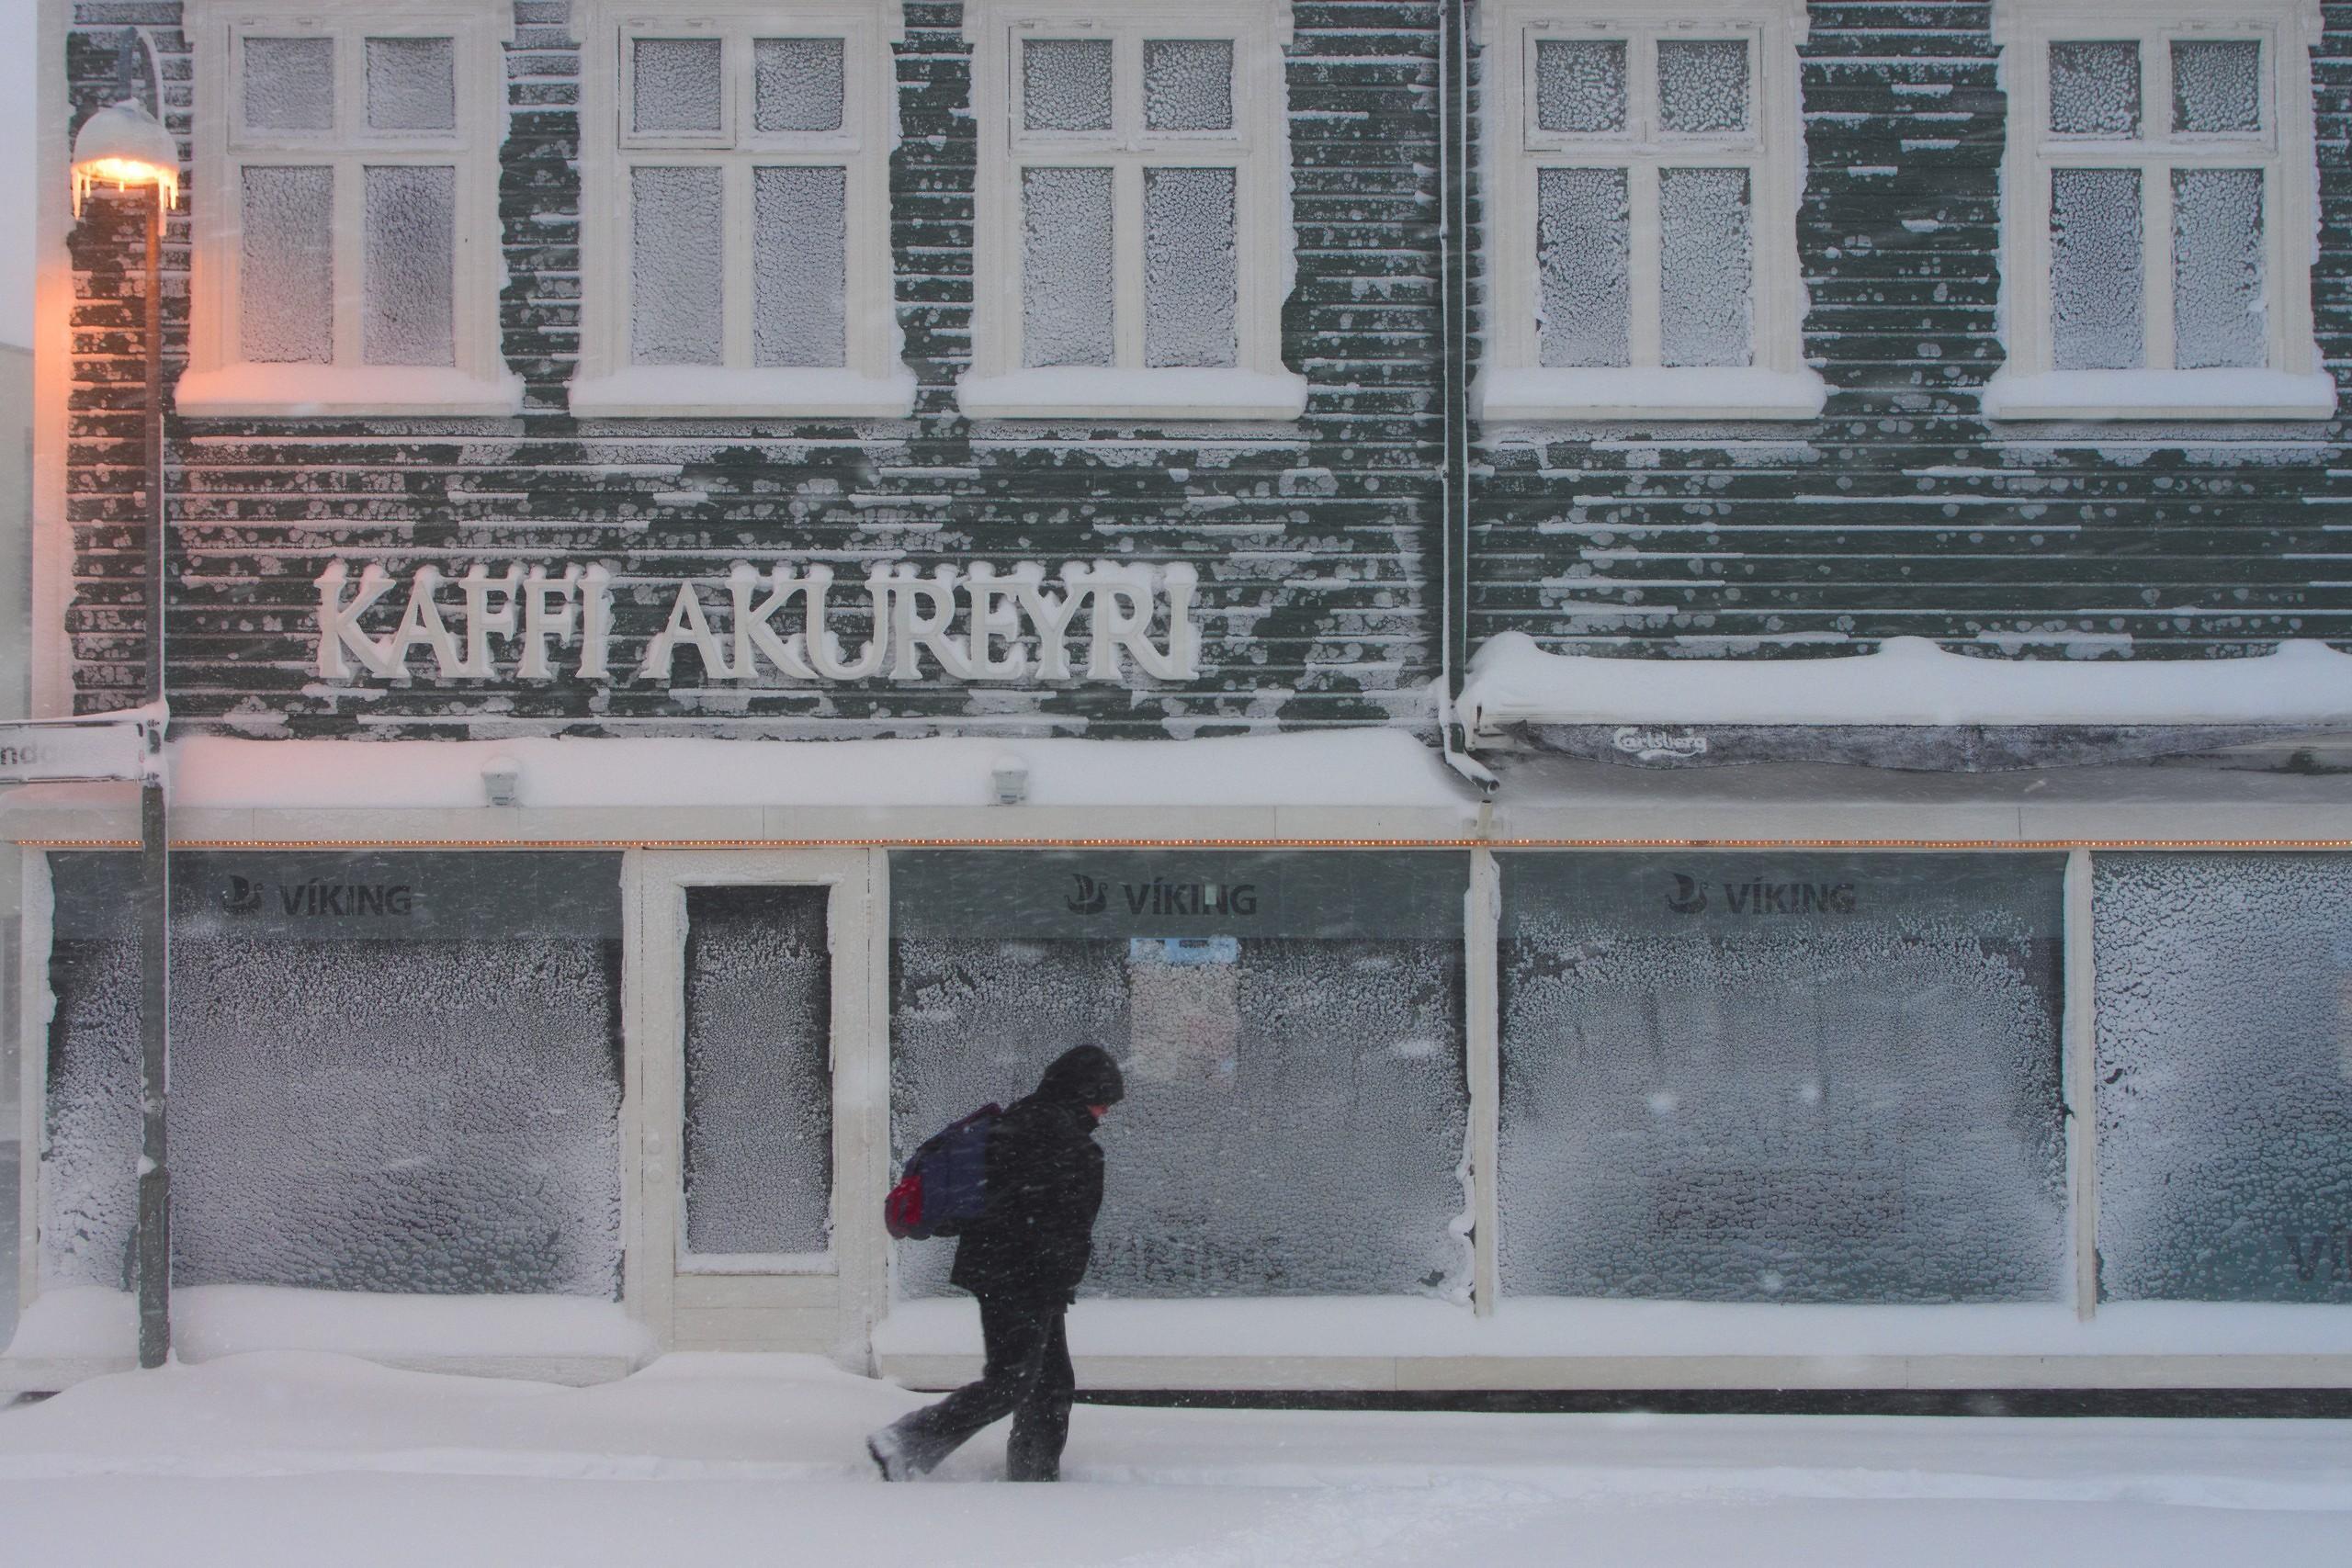 Kaffi Akureyri